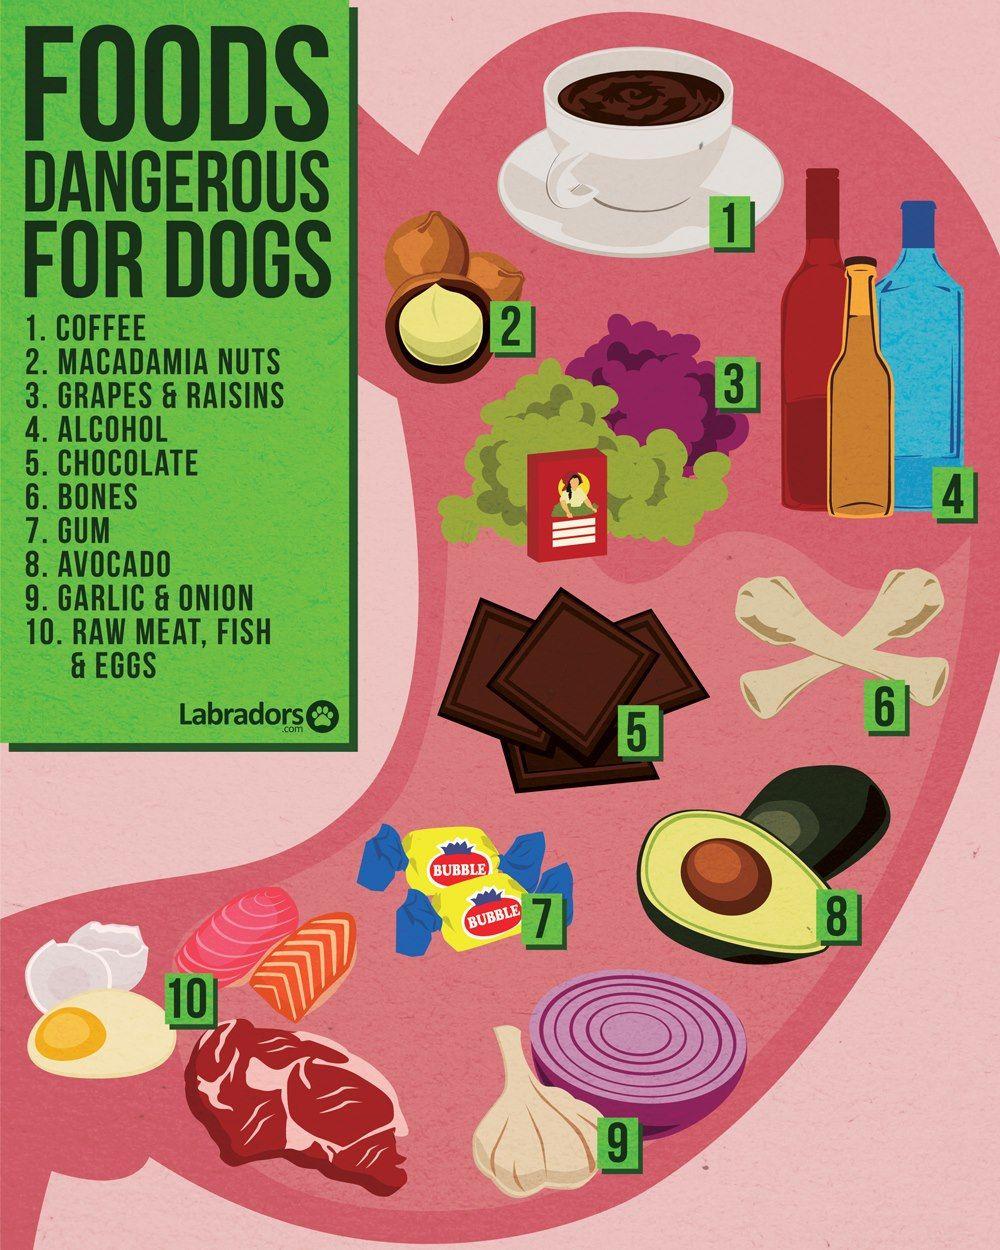 Foods Dangerous For Dogs Dog safe food, Best dog food